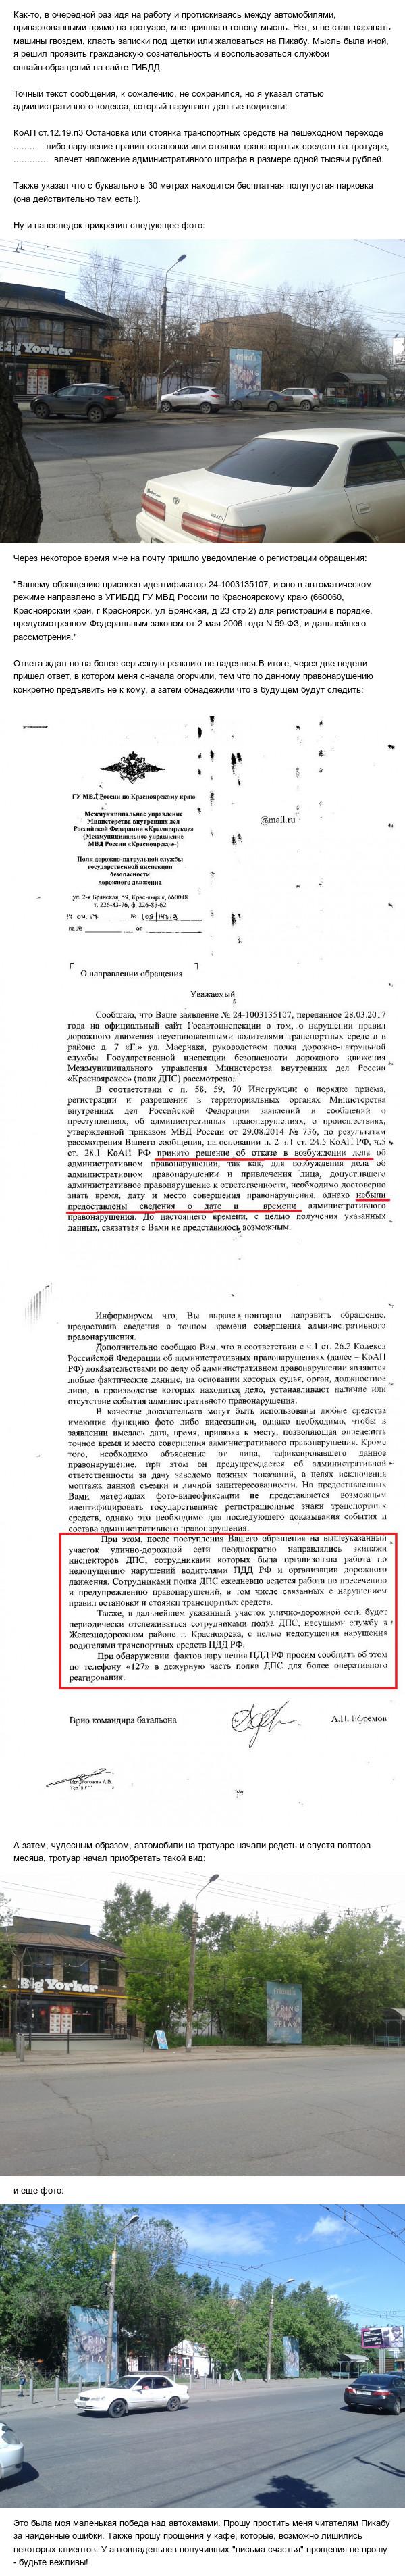 Немного о гражданской сознательности автохам, Красноярск, Обращение к ГИБДД, длиннопост